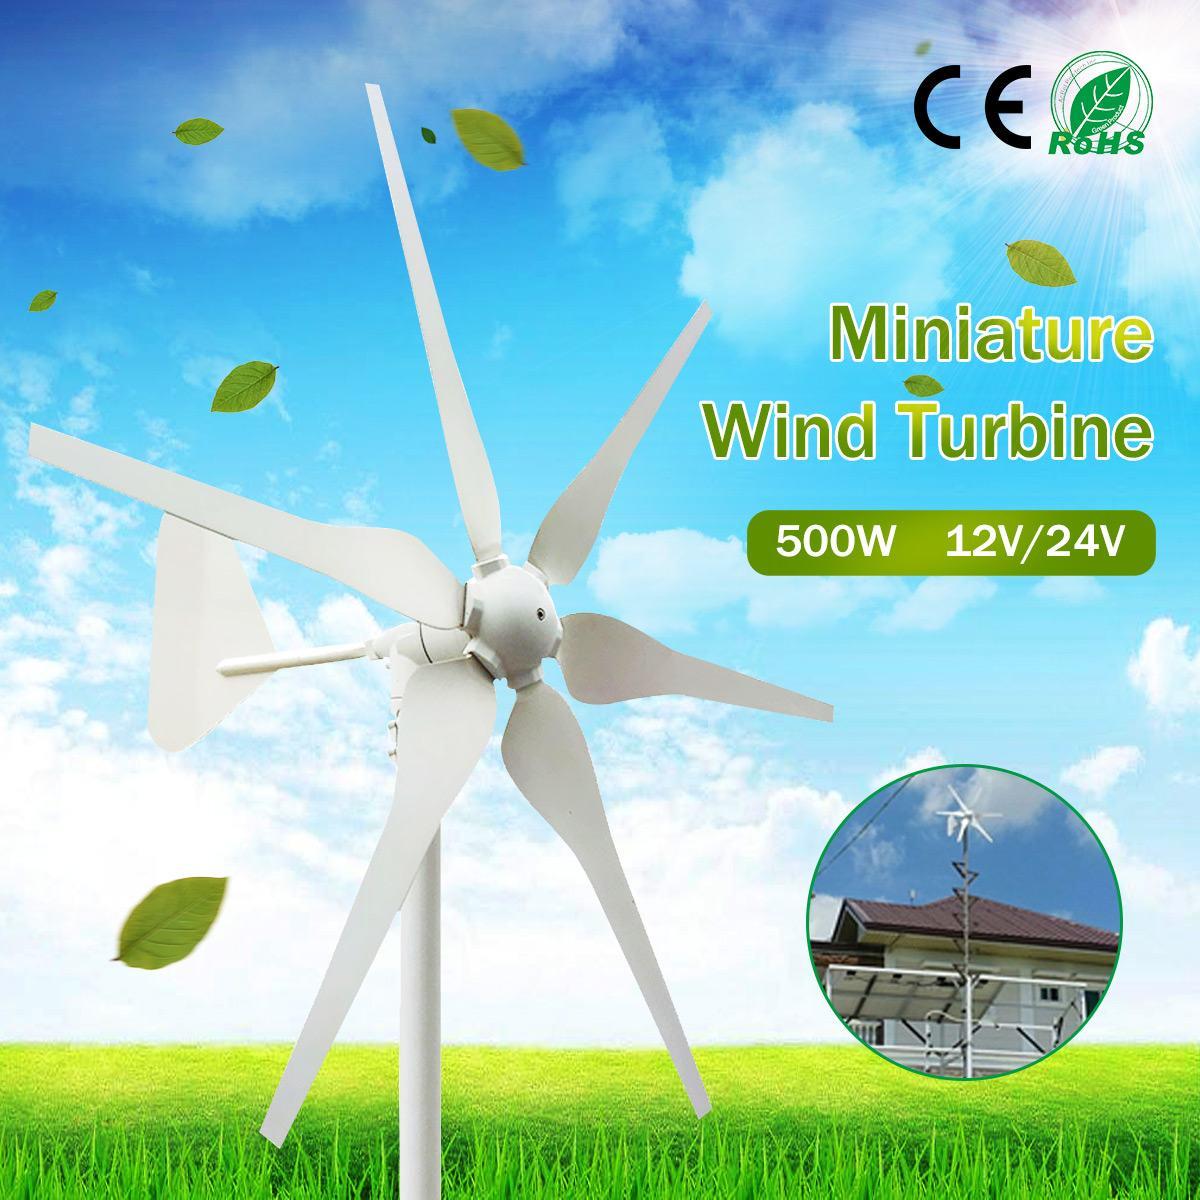 Éolienne Miniature de générateur d'éoliennes du générateur 2018 12 V/24 V 500 W de cc/AC avec le contrôleur pour la maison résidentielle